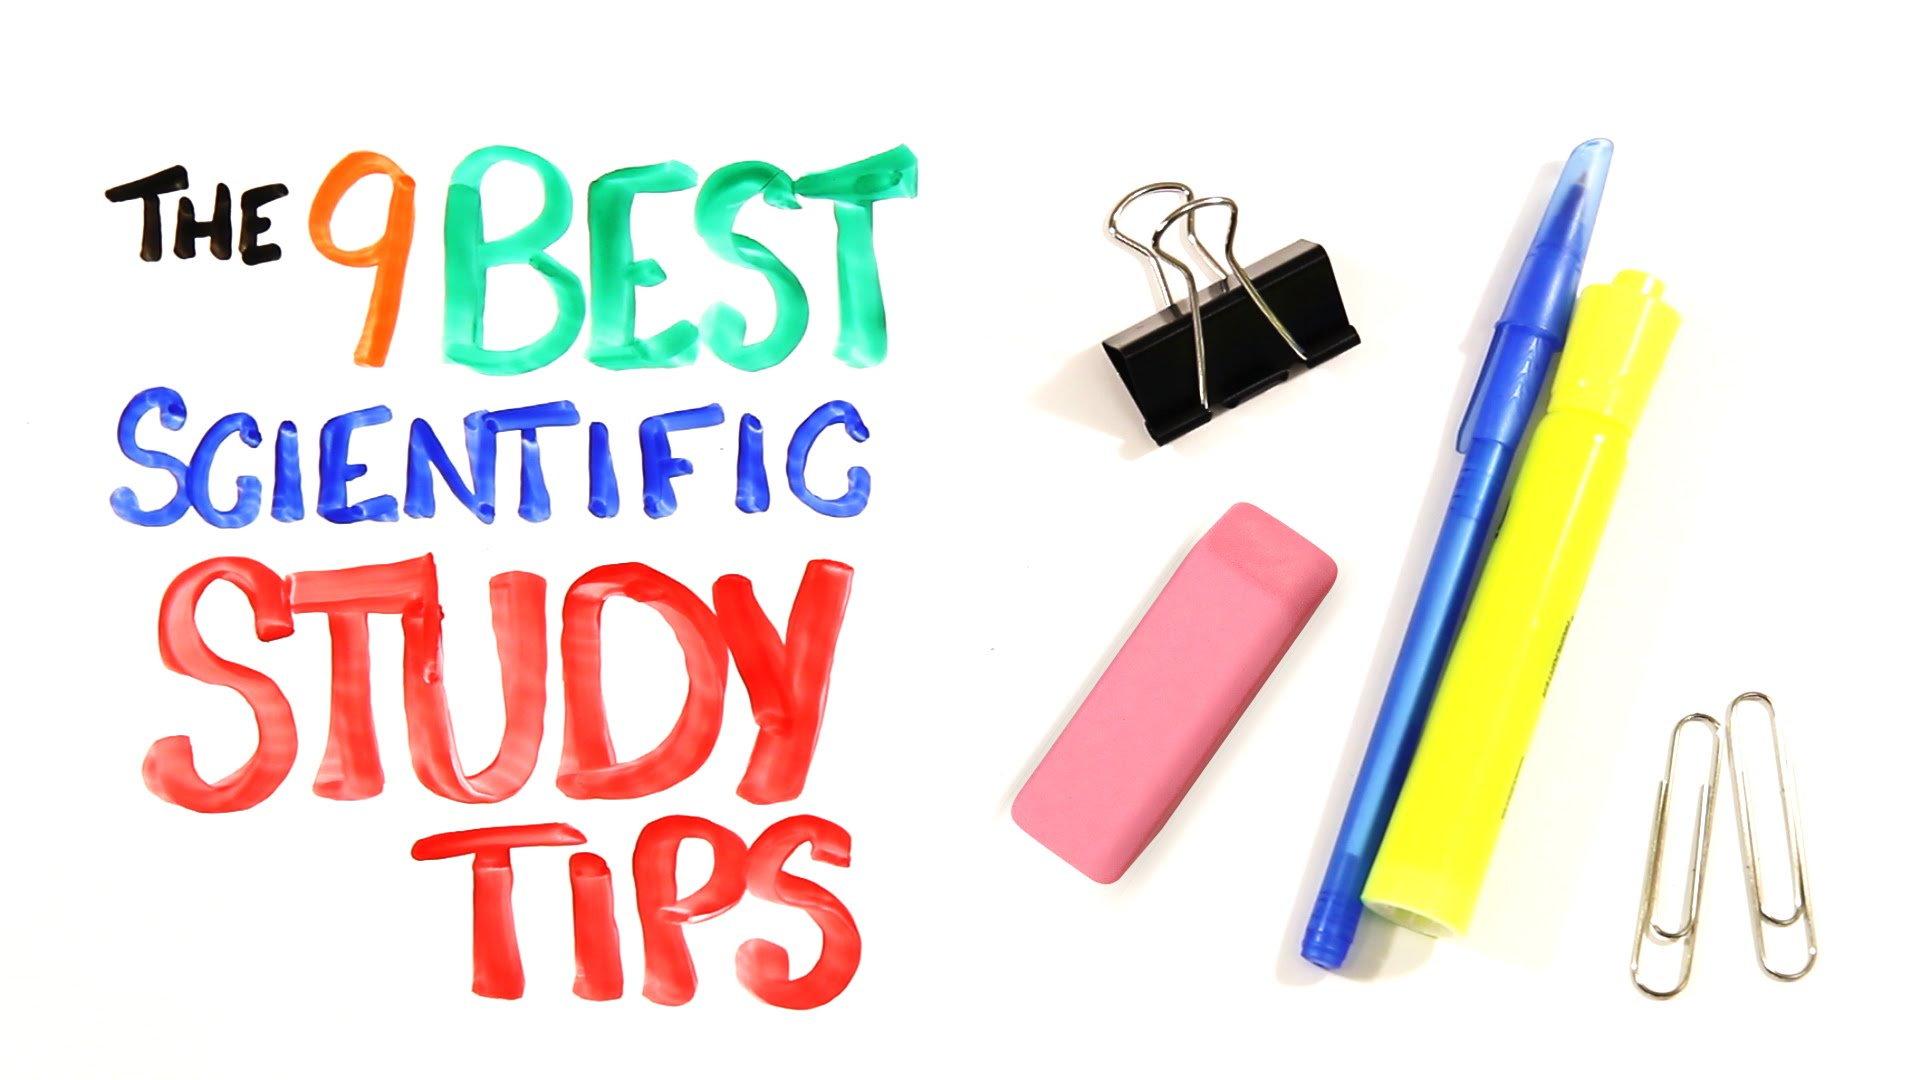 「為什麼想拿高分,讀十小時不如讀半小時?科學解釋給你聽」- The 9 BEST Scientific Study Tips